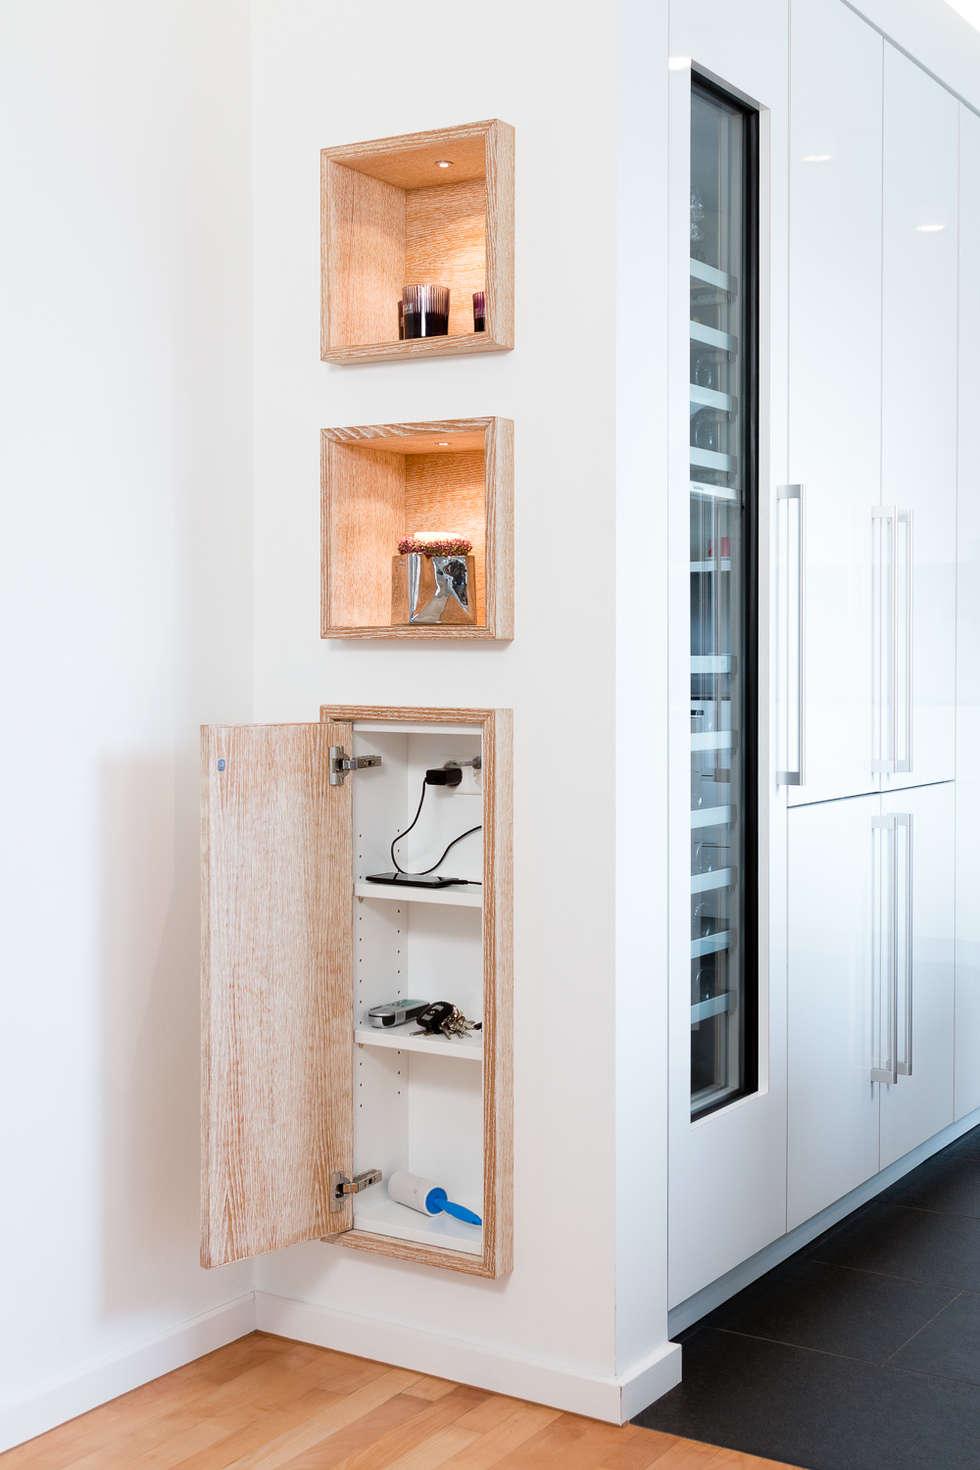 Appartementküche nach Maß von Klocke Möbelwerkstätte GmbH   homify